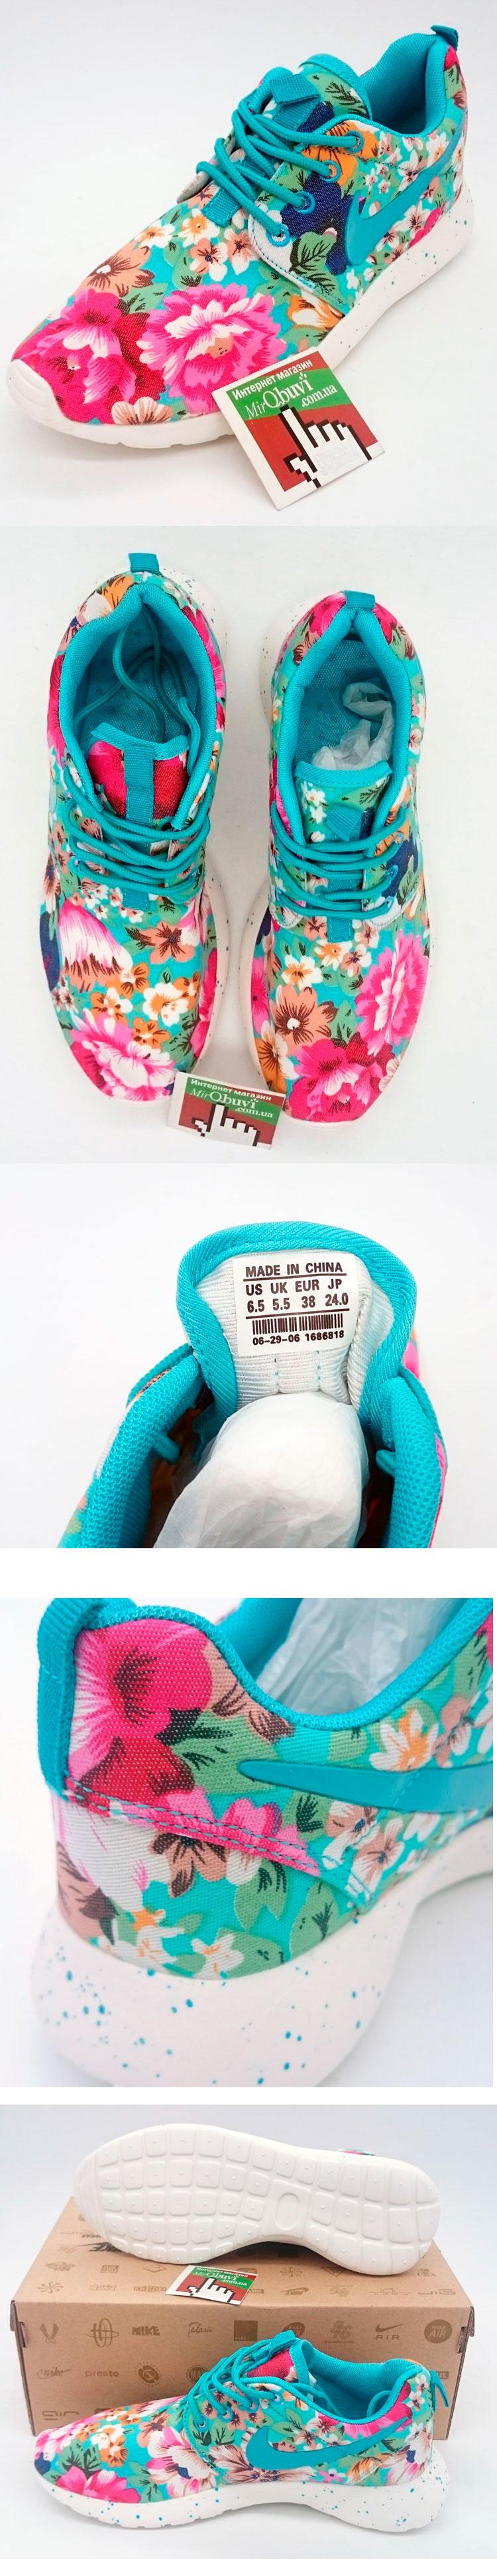 большое фото №5 Nike Roshe Run в цветочек бирюзовый